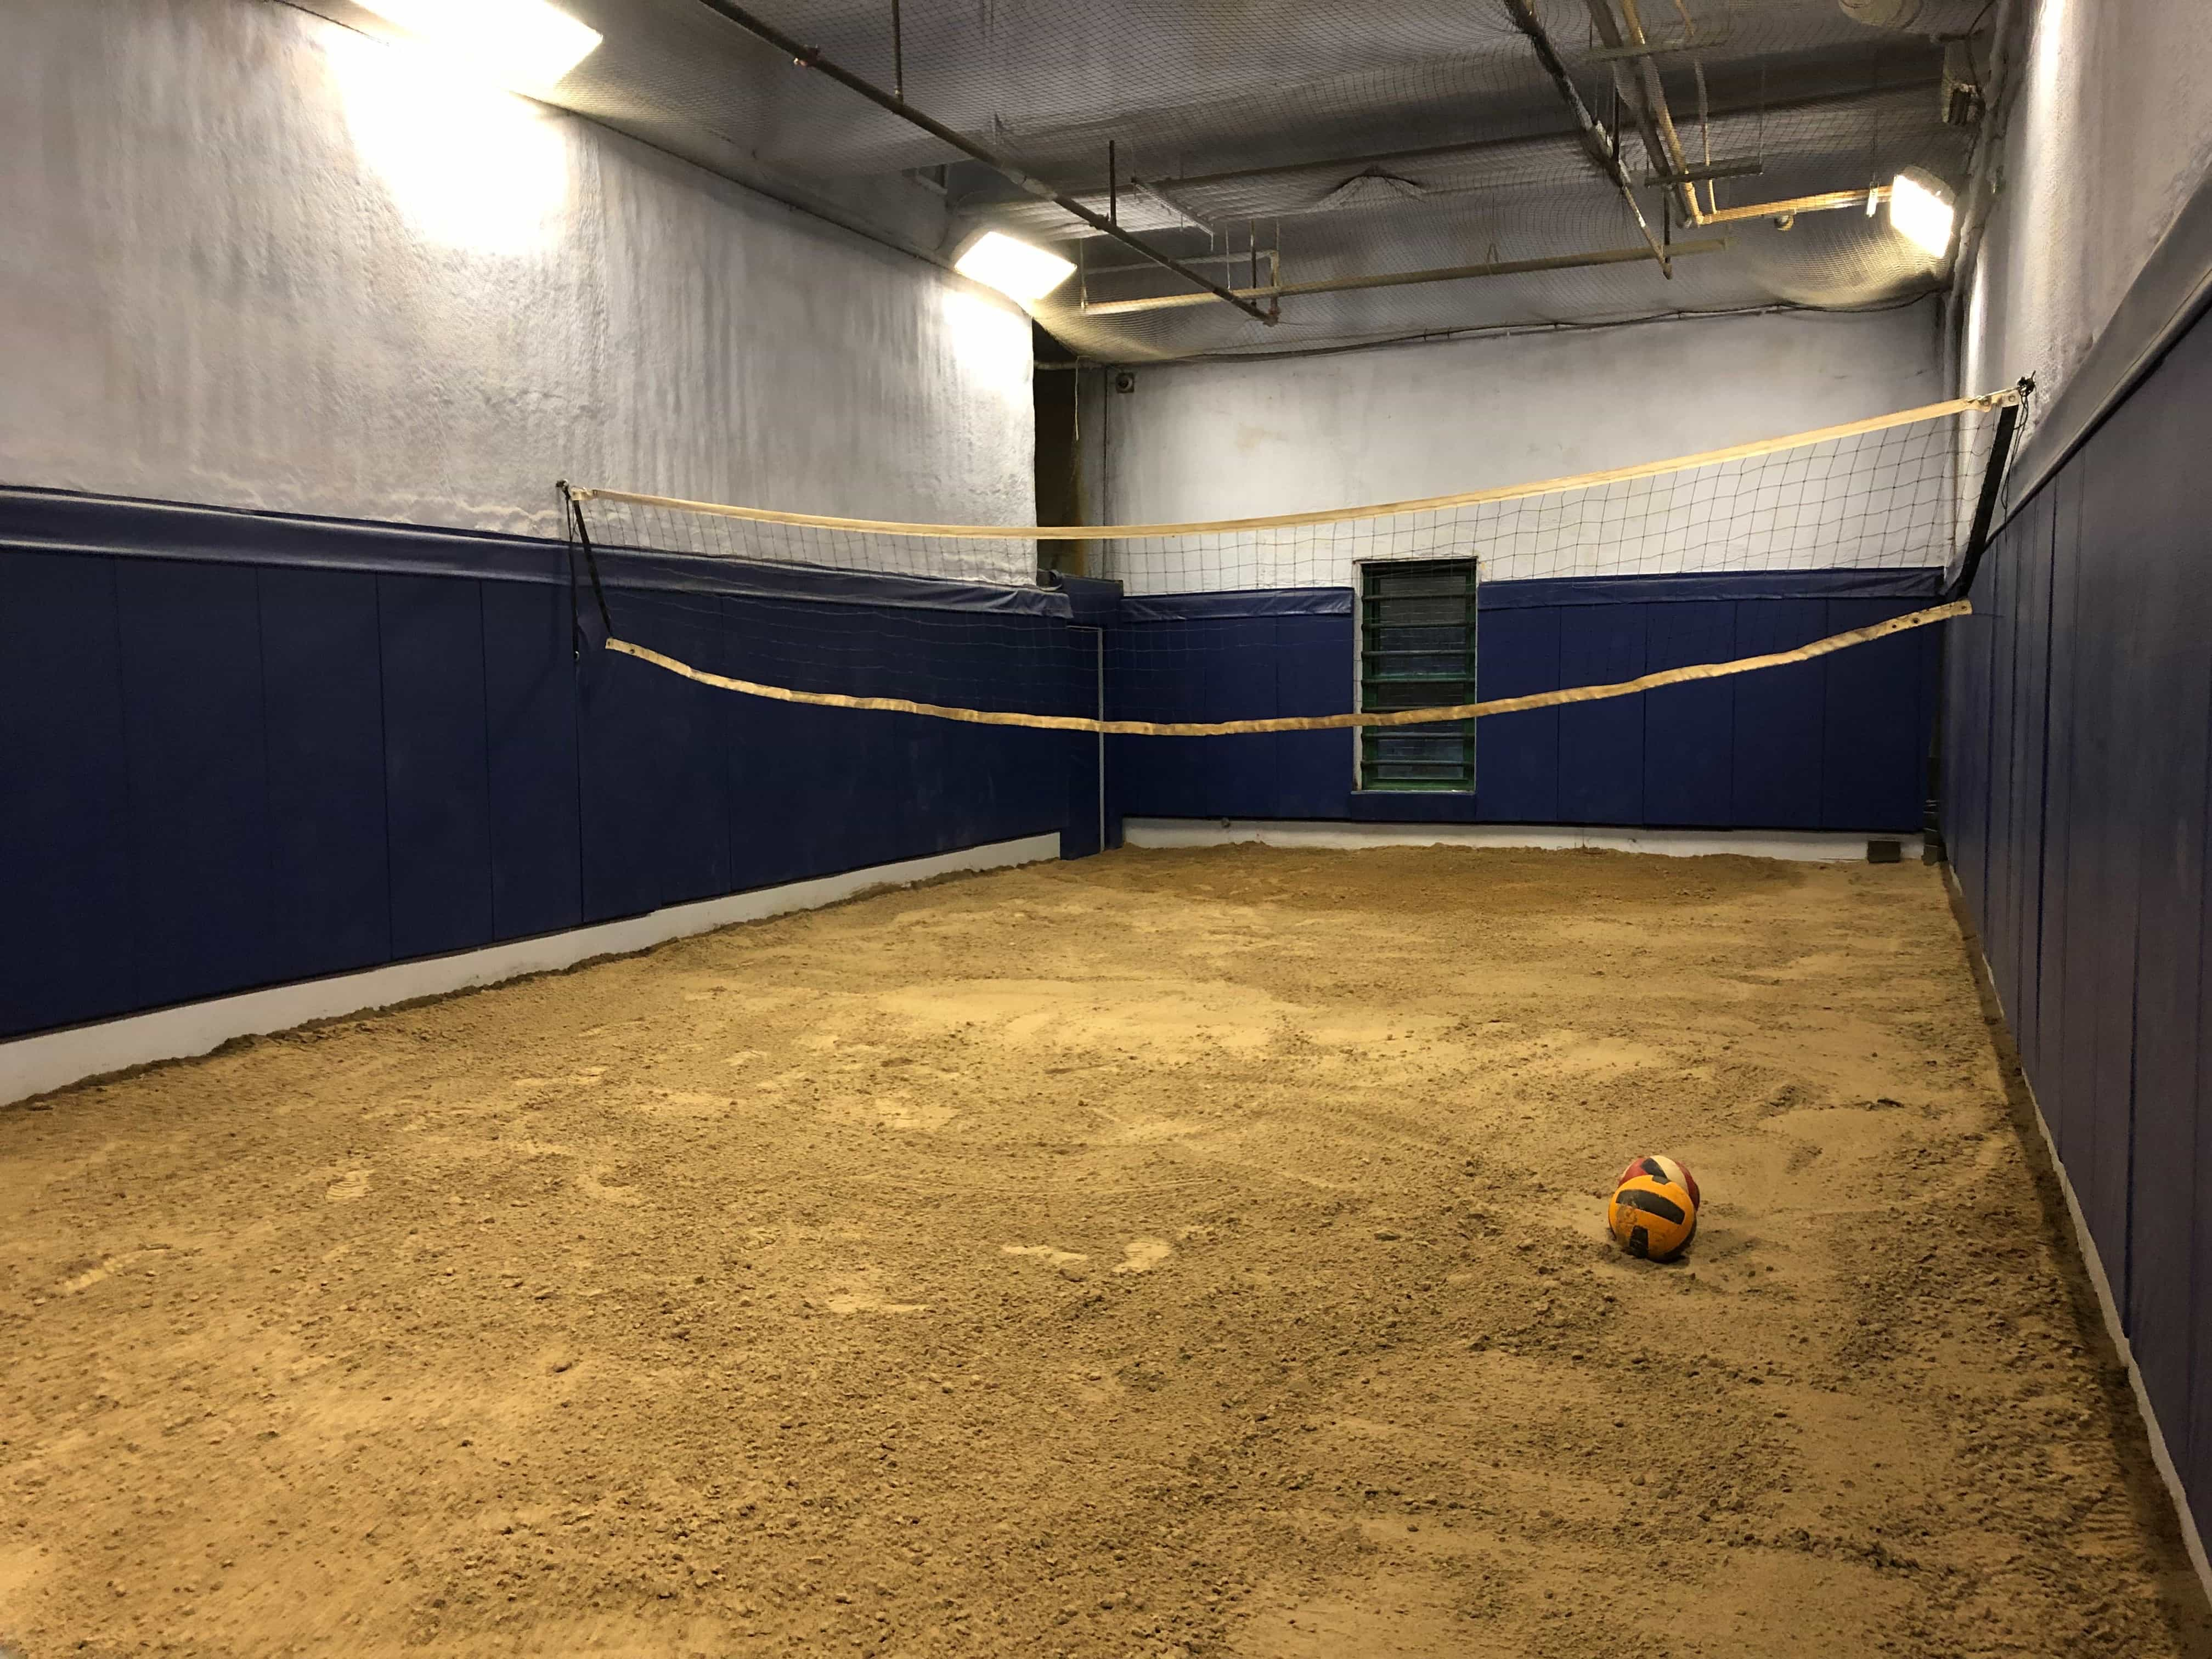 A net is strung across a dirt floor.